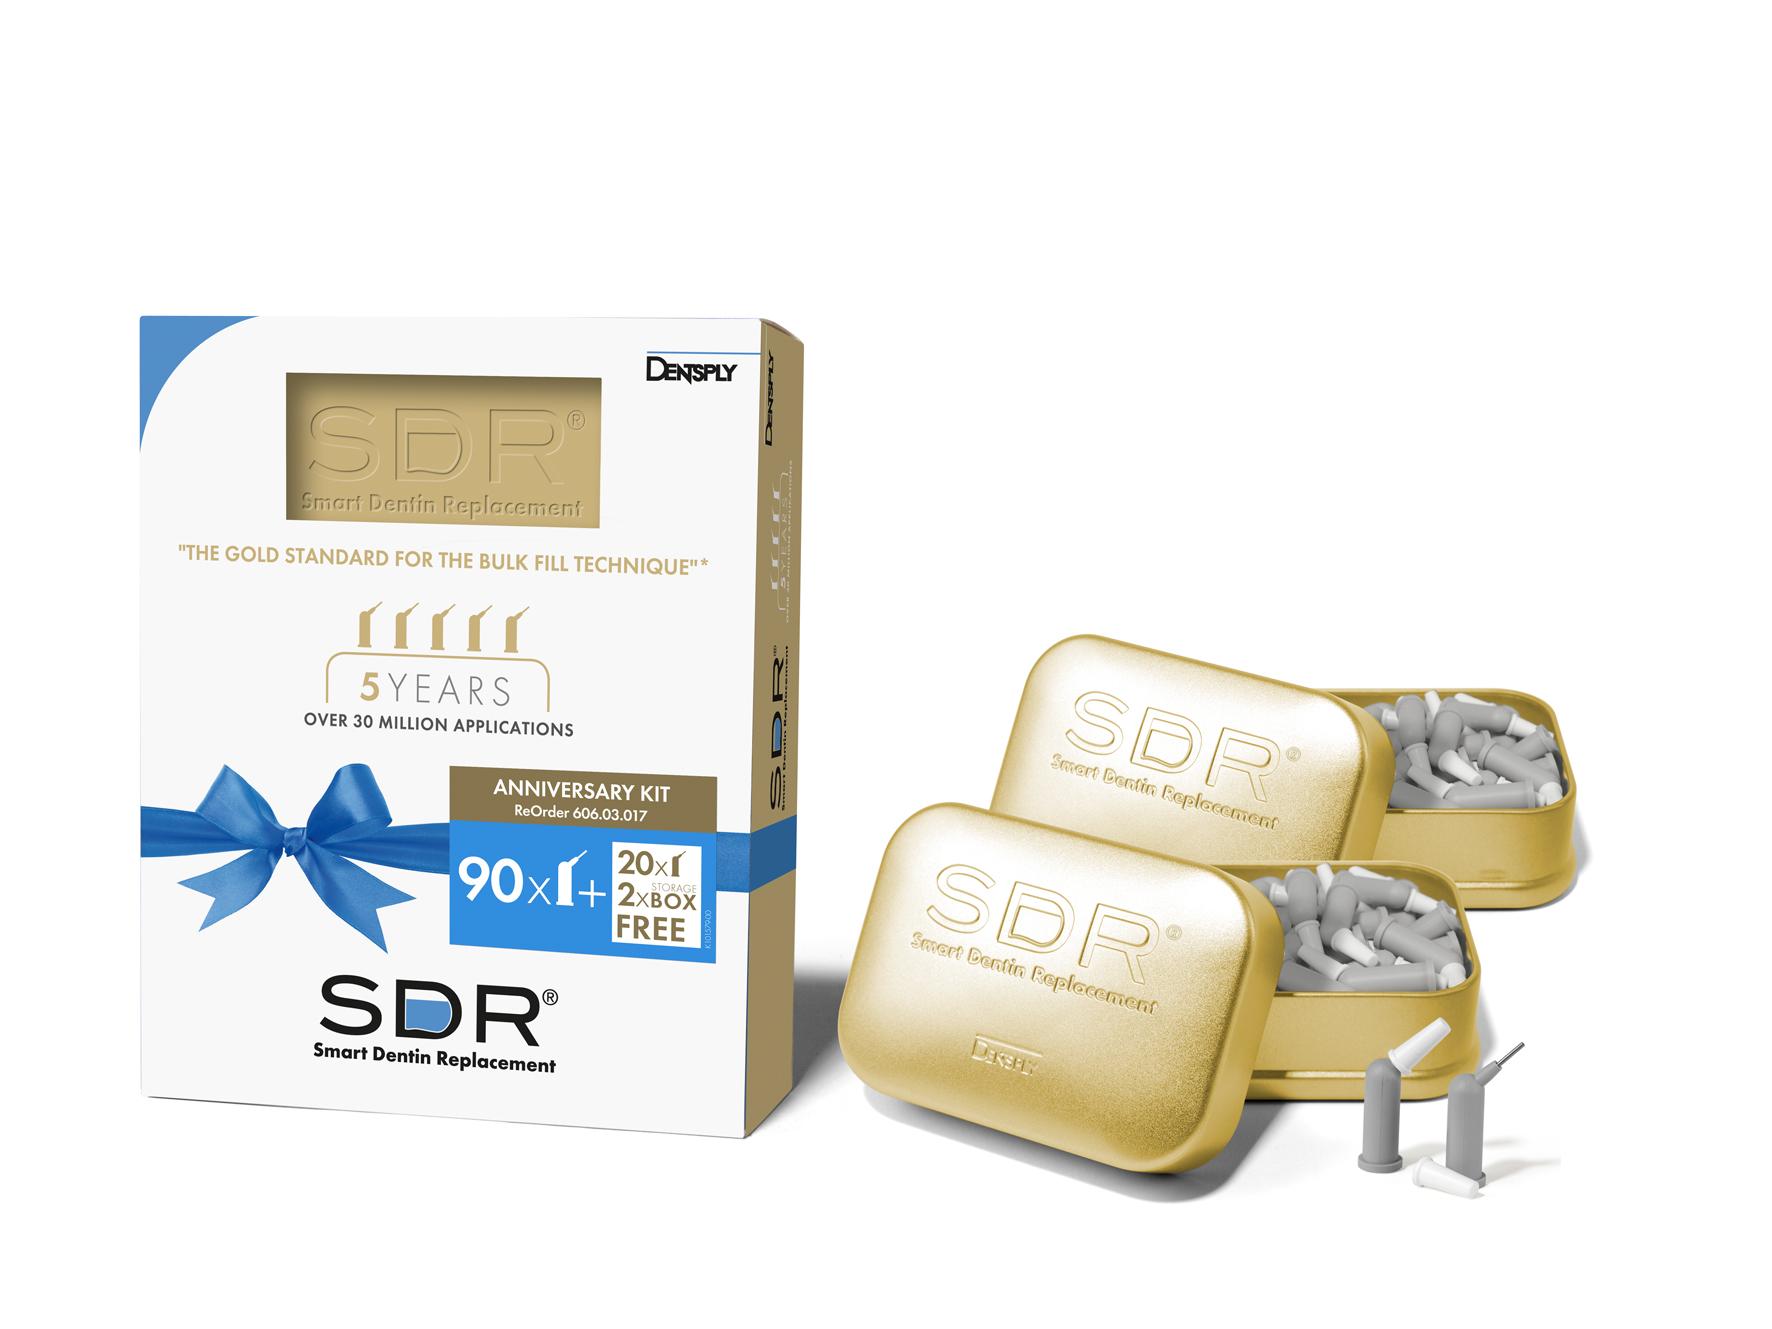 Ostes 90 kapslit SDR, saate tasuta lisaks 20 kapslit SDR!